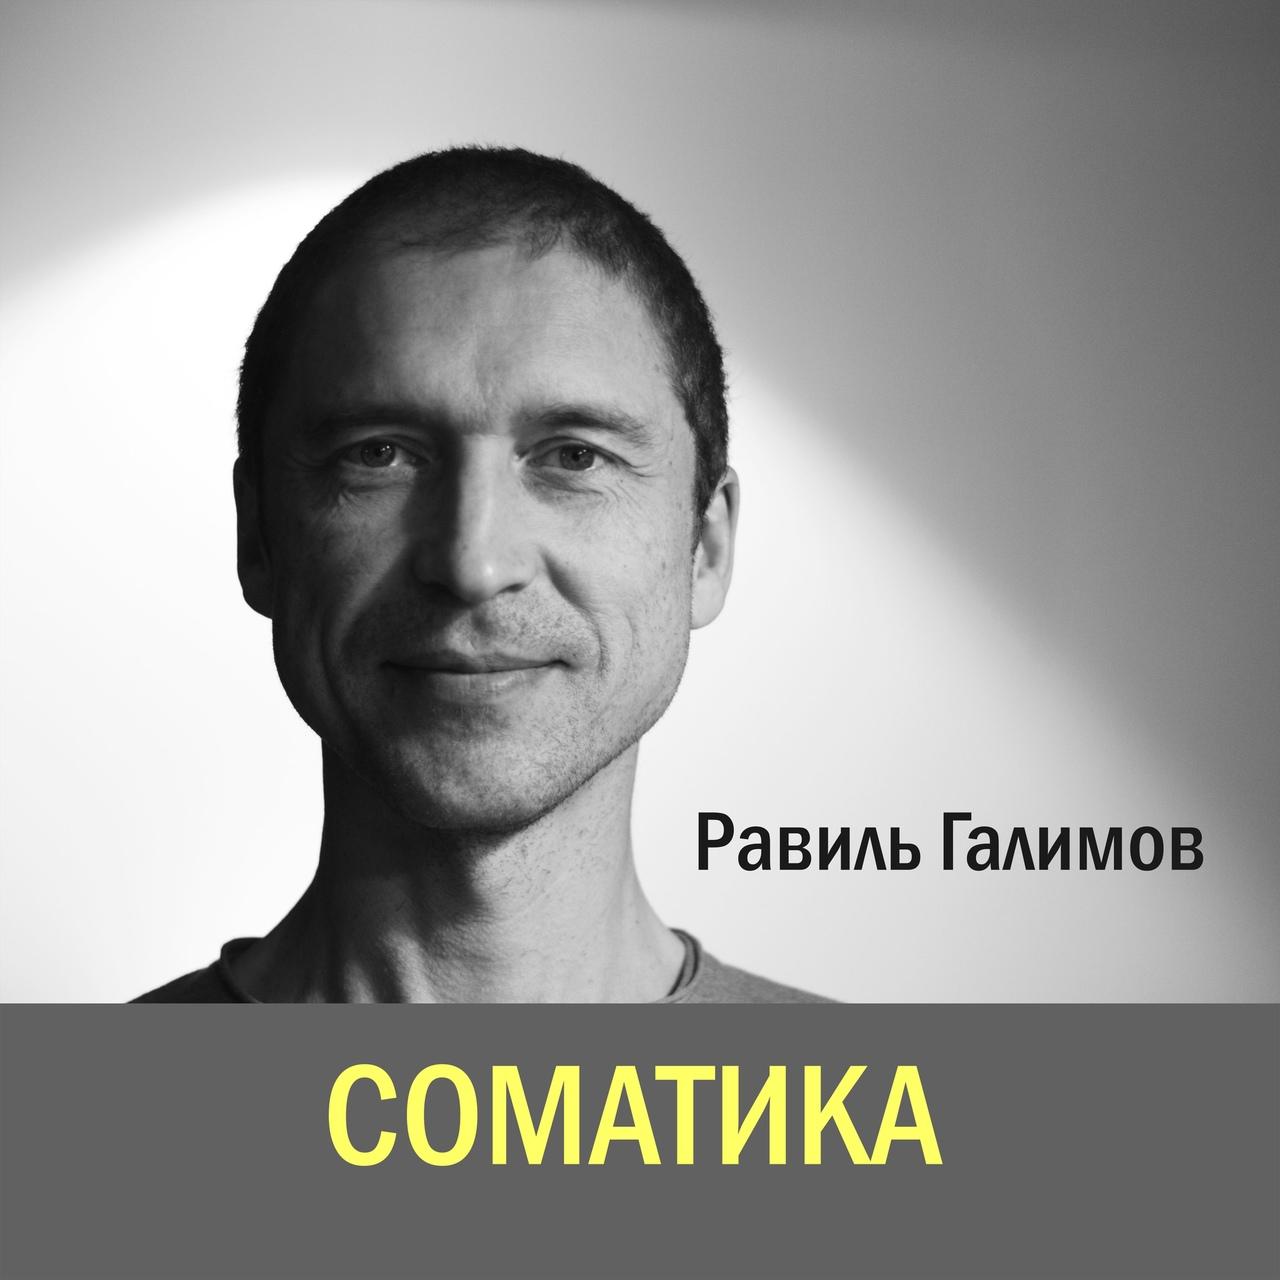 Афиша Екатеринбург 6 февраля / СОМАТИКА с Равилем Галимовым